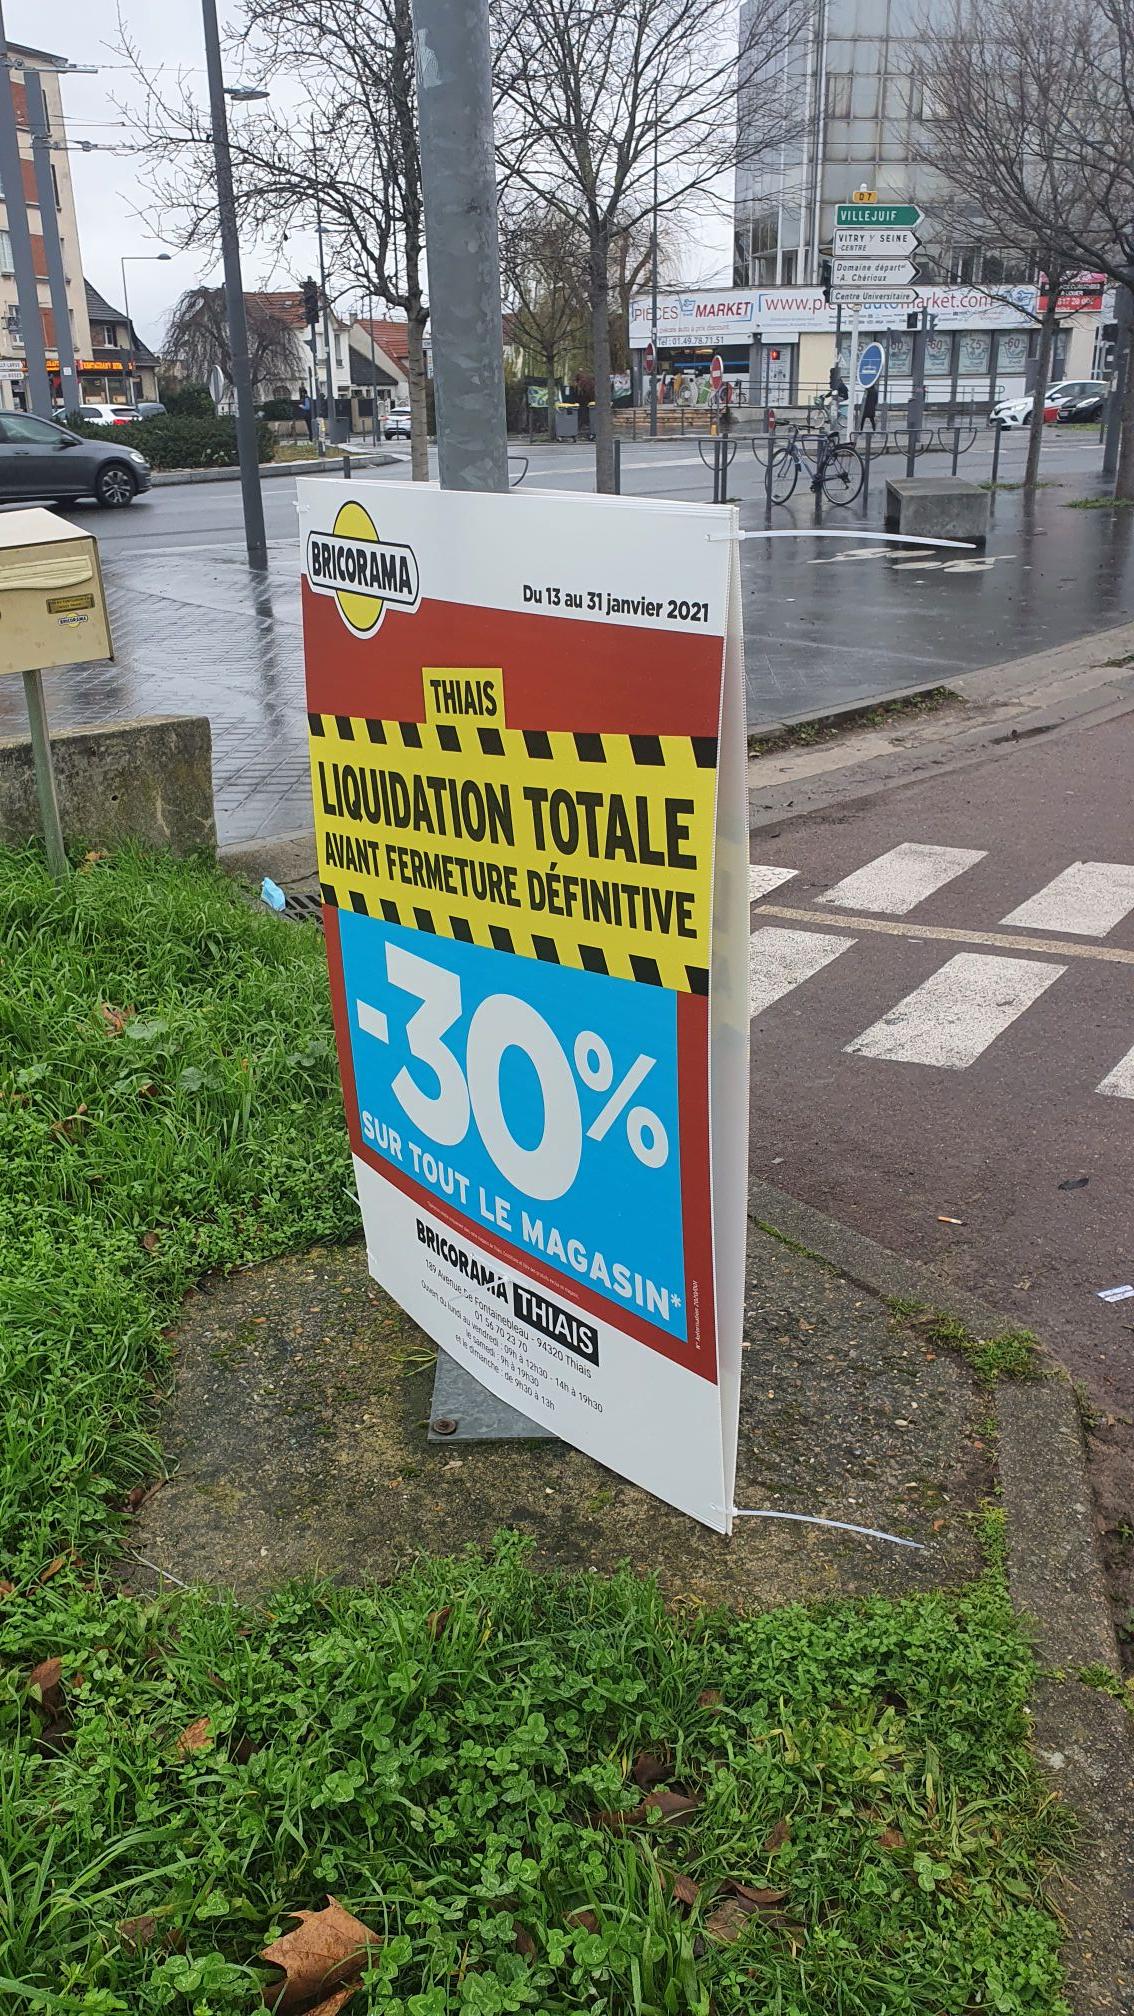 70% de réduction sur tout le magasin - Thiais (94)